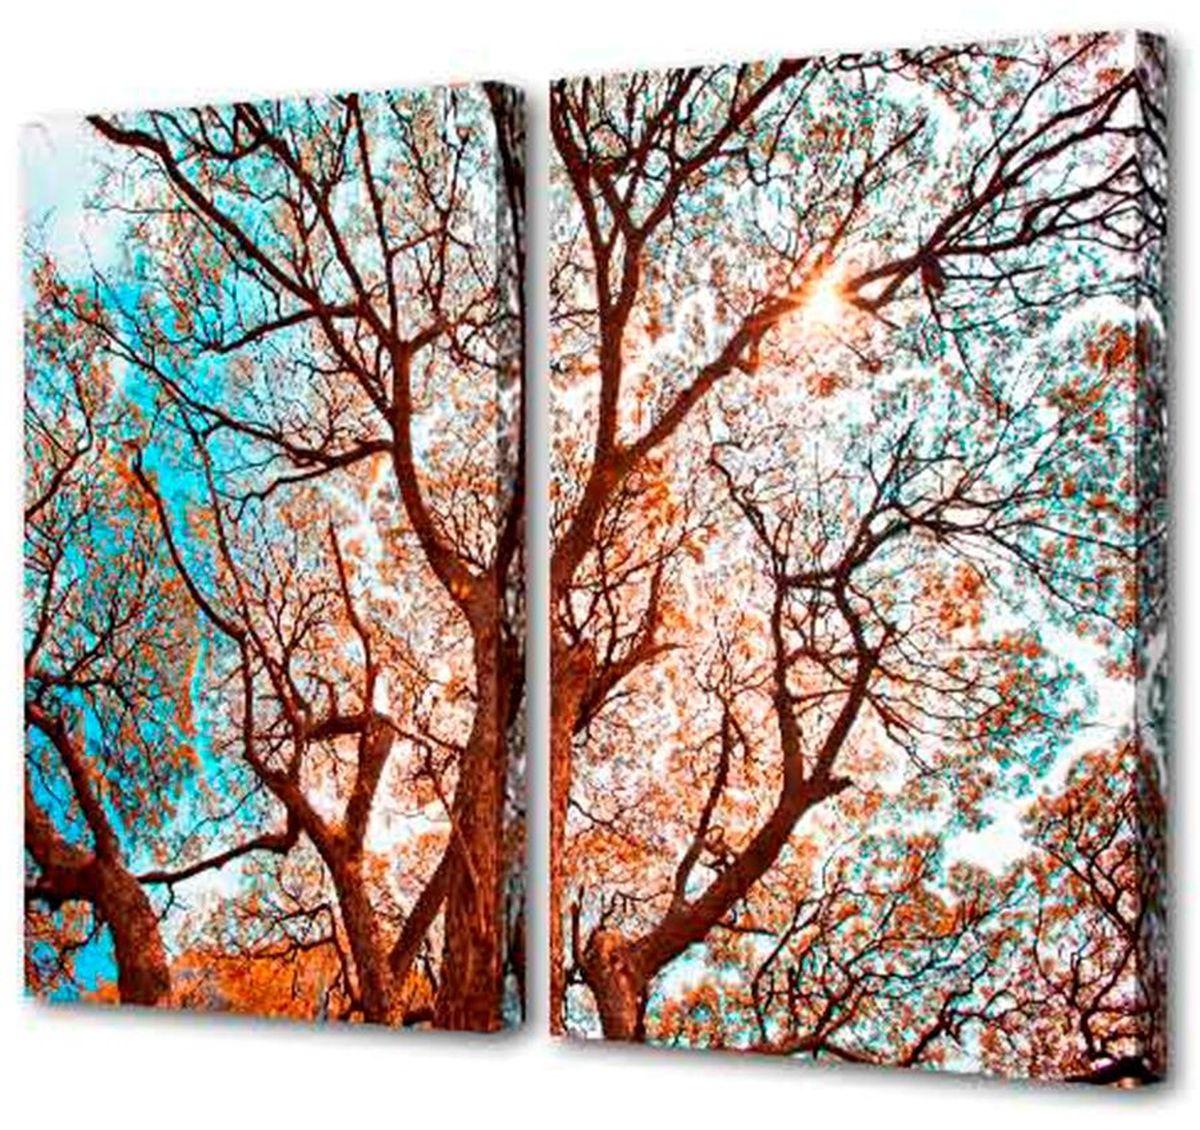 Картина модульная Toplight Природа, 100 х 75 см. TL-M2012U210DFМодульная картина Toplight Природа выполнена из синтетического полотна, подрамник из МДФ. Картина состоит из двух частей и выглядит очень аккуратно и эстетично благодаря такому способу оформления как галерейная натяжка. Подрамник исключает провисание полотна. Современные технологии, уникальное оборудование и цифровая печать, используемые в производстве, делают постер устойчивым к выцветанию и обеспечивают исключительное качество произведений. Благодаря наличию необходимых креплений в комплекте установка не займет много времени. Модульная картина - это прекрасная возможность создать яркий акцент при оформлении любого помещения. Изделие обязательно привлечет внимание и подарит немало приятных впечатлений своим обладателям. Правила ухода: можно протирать сухой, мягкой тканью. Рекомендованное расстояние между сегментами: 2 см. Толщина подрамника: 3 см.